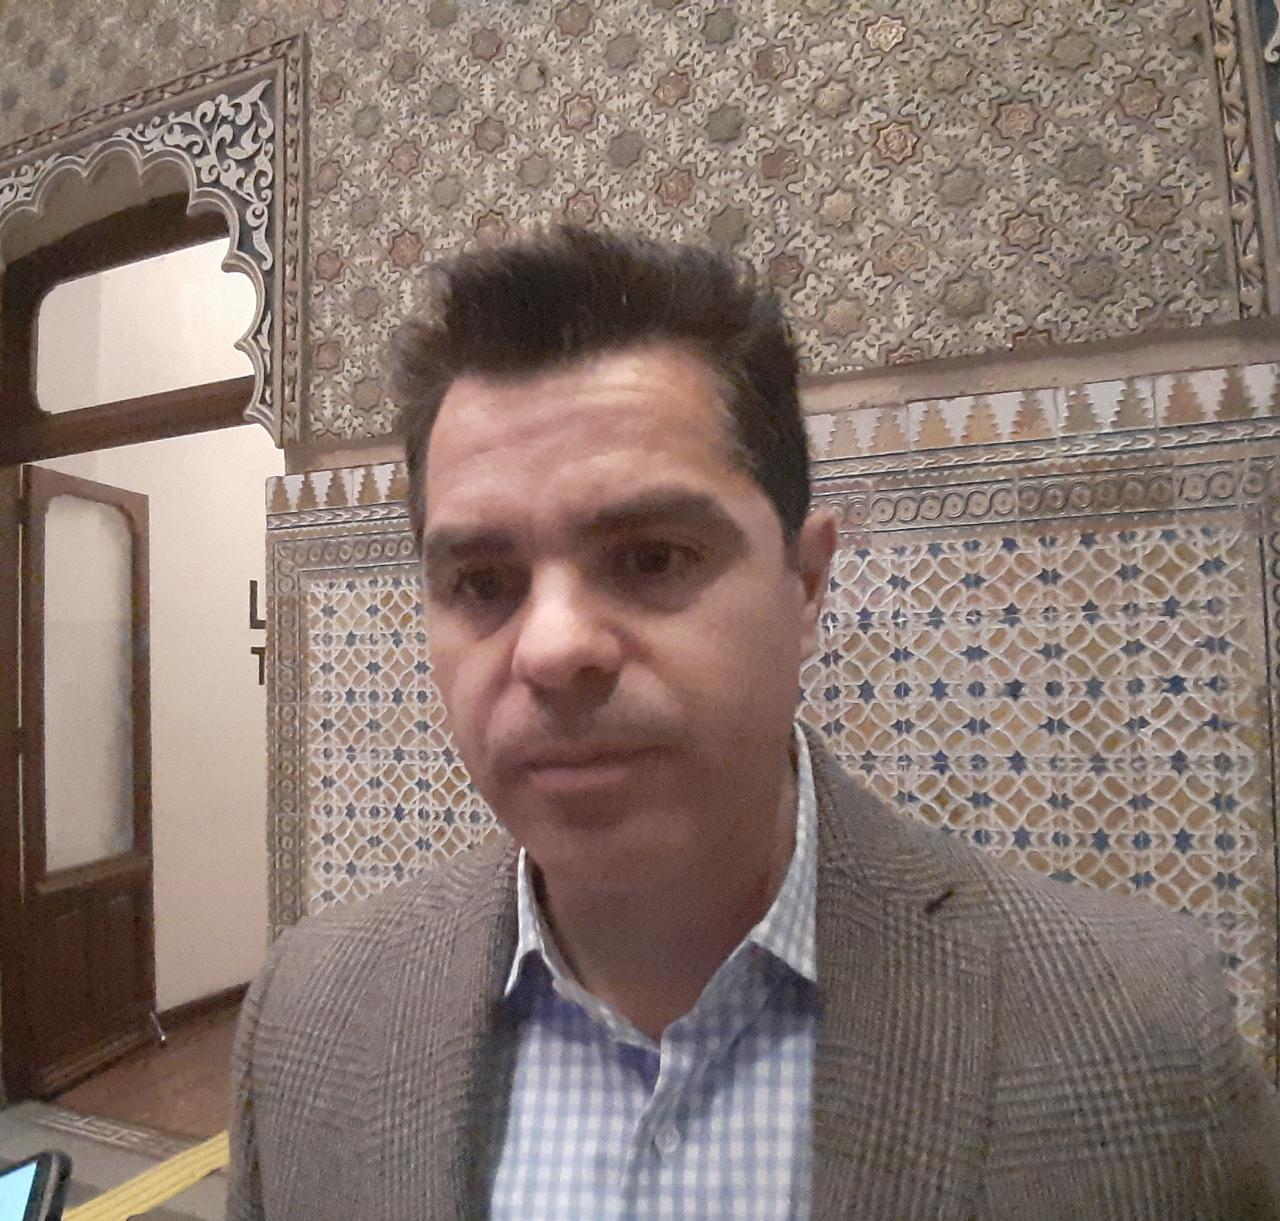 Busca Marcelo García reformar la Ley Orgánica del congreso para evitar conflictos de interés